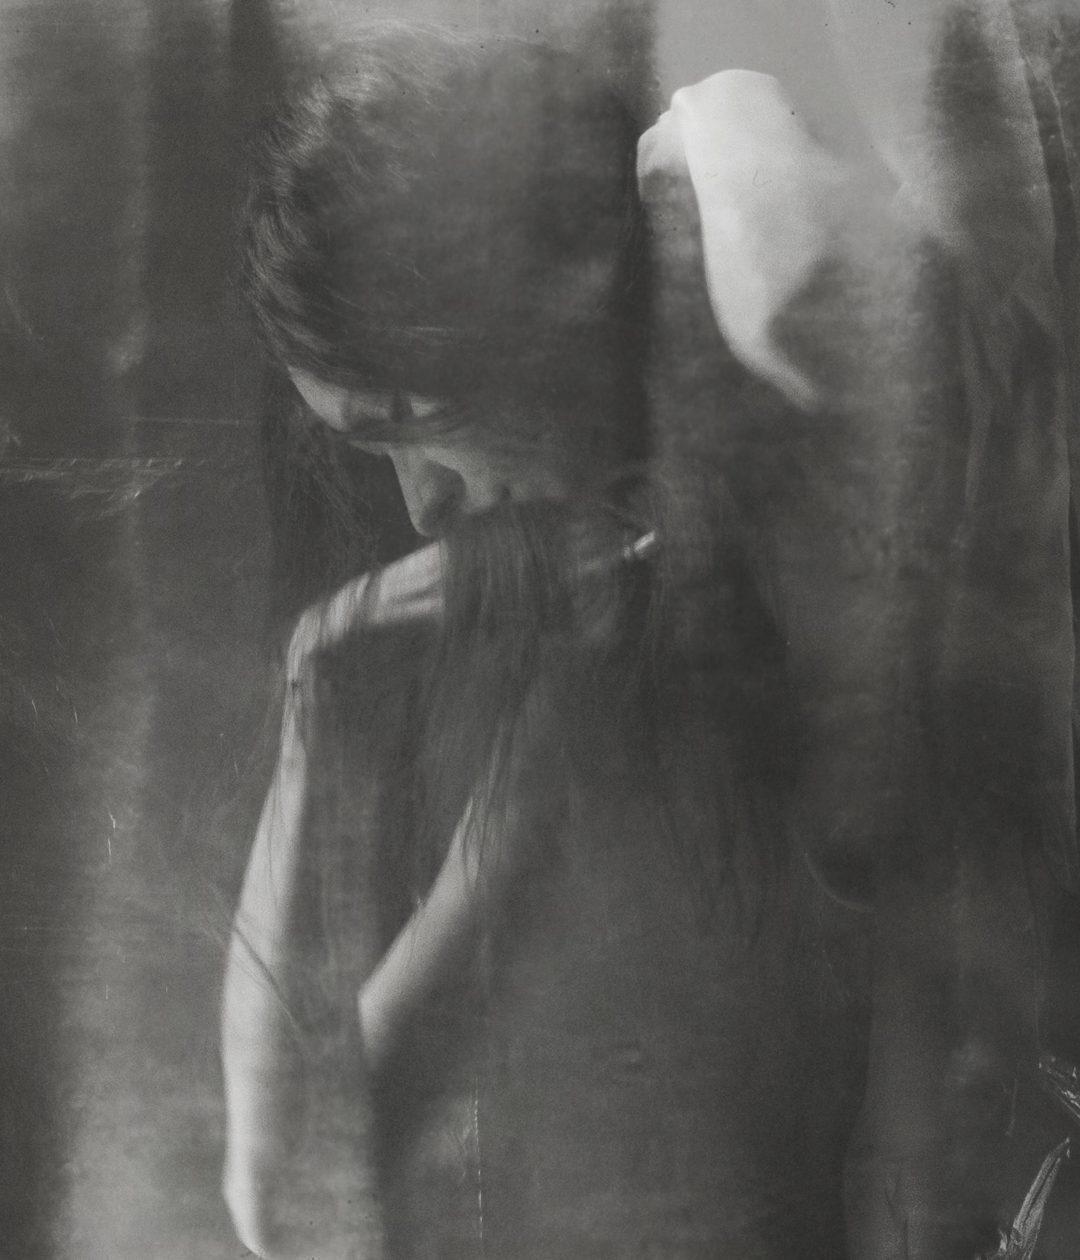 Nove fotografi rileggono il mito di Ofelia